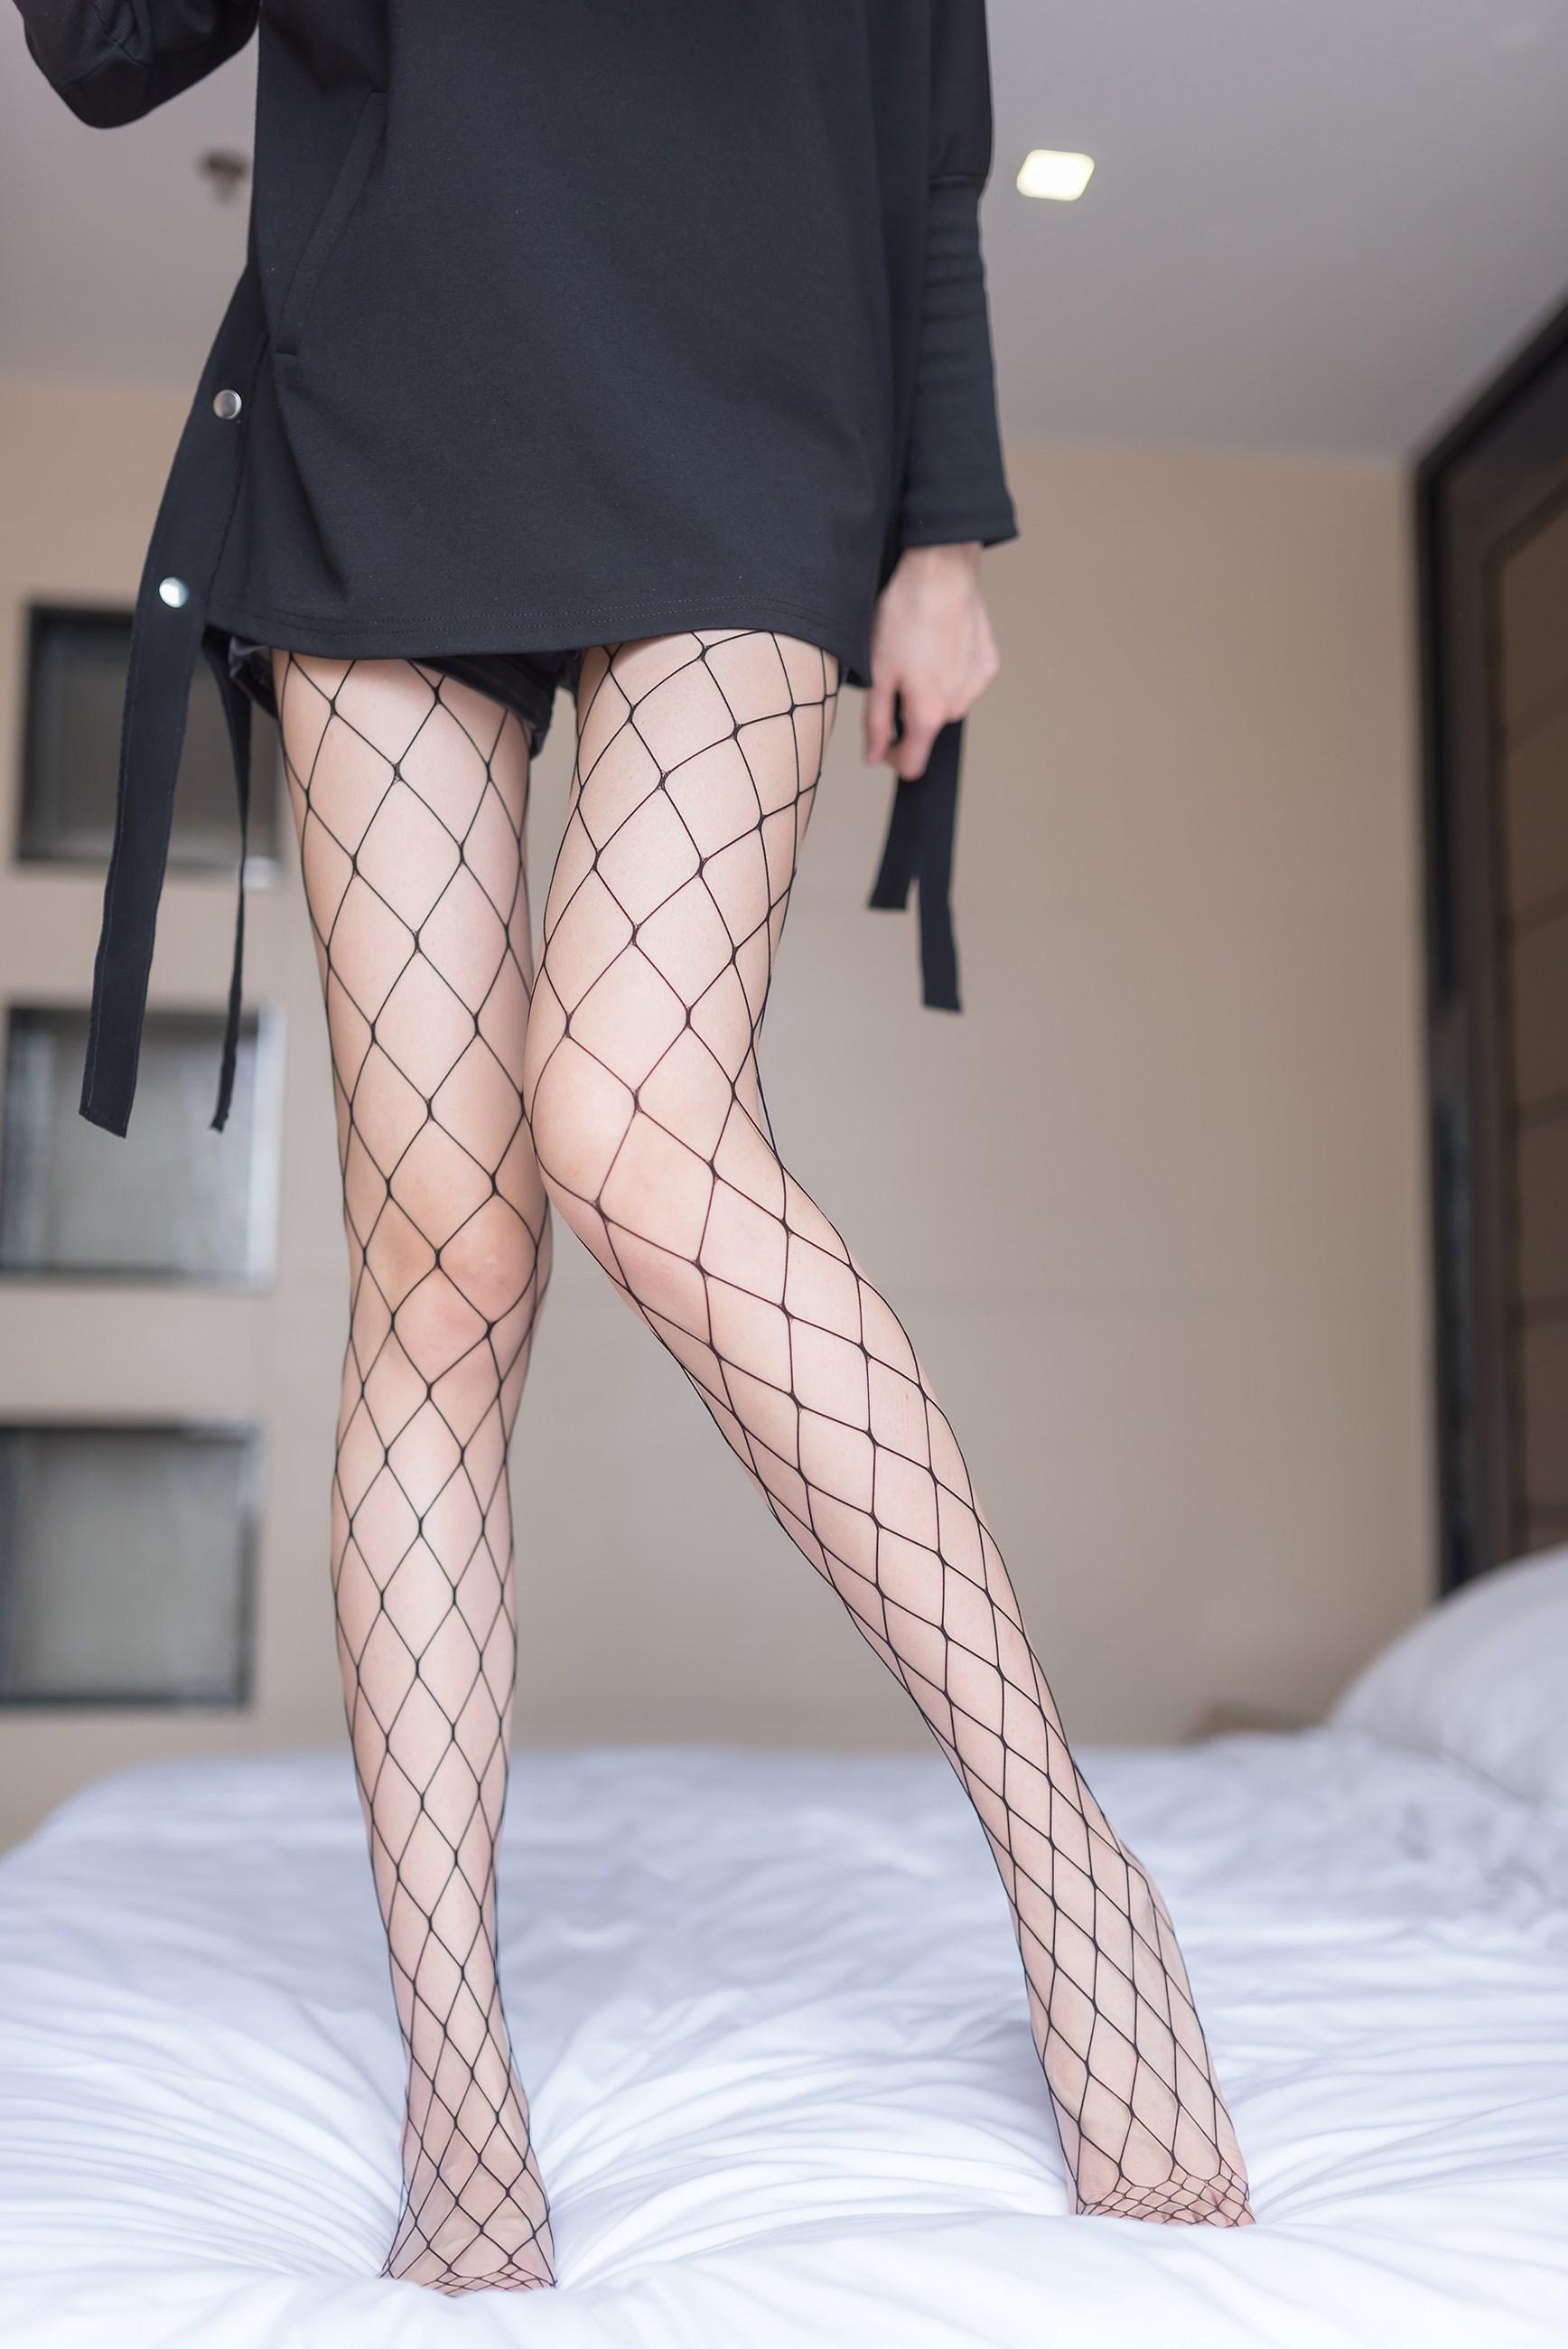 【兔玩映画】网袜少女! 兔玩映画 第5张